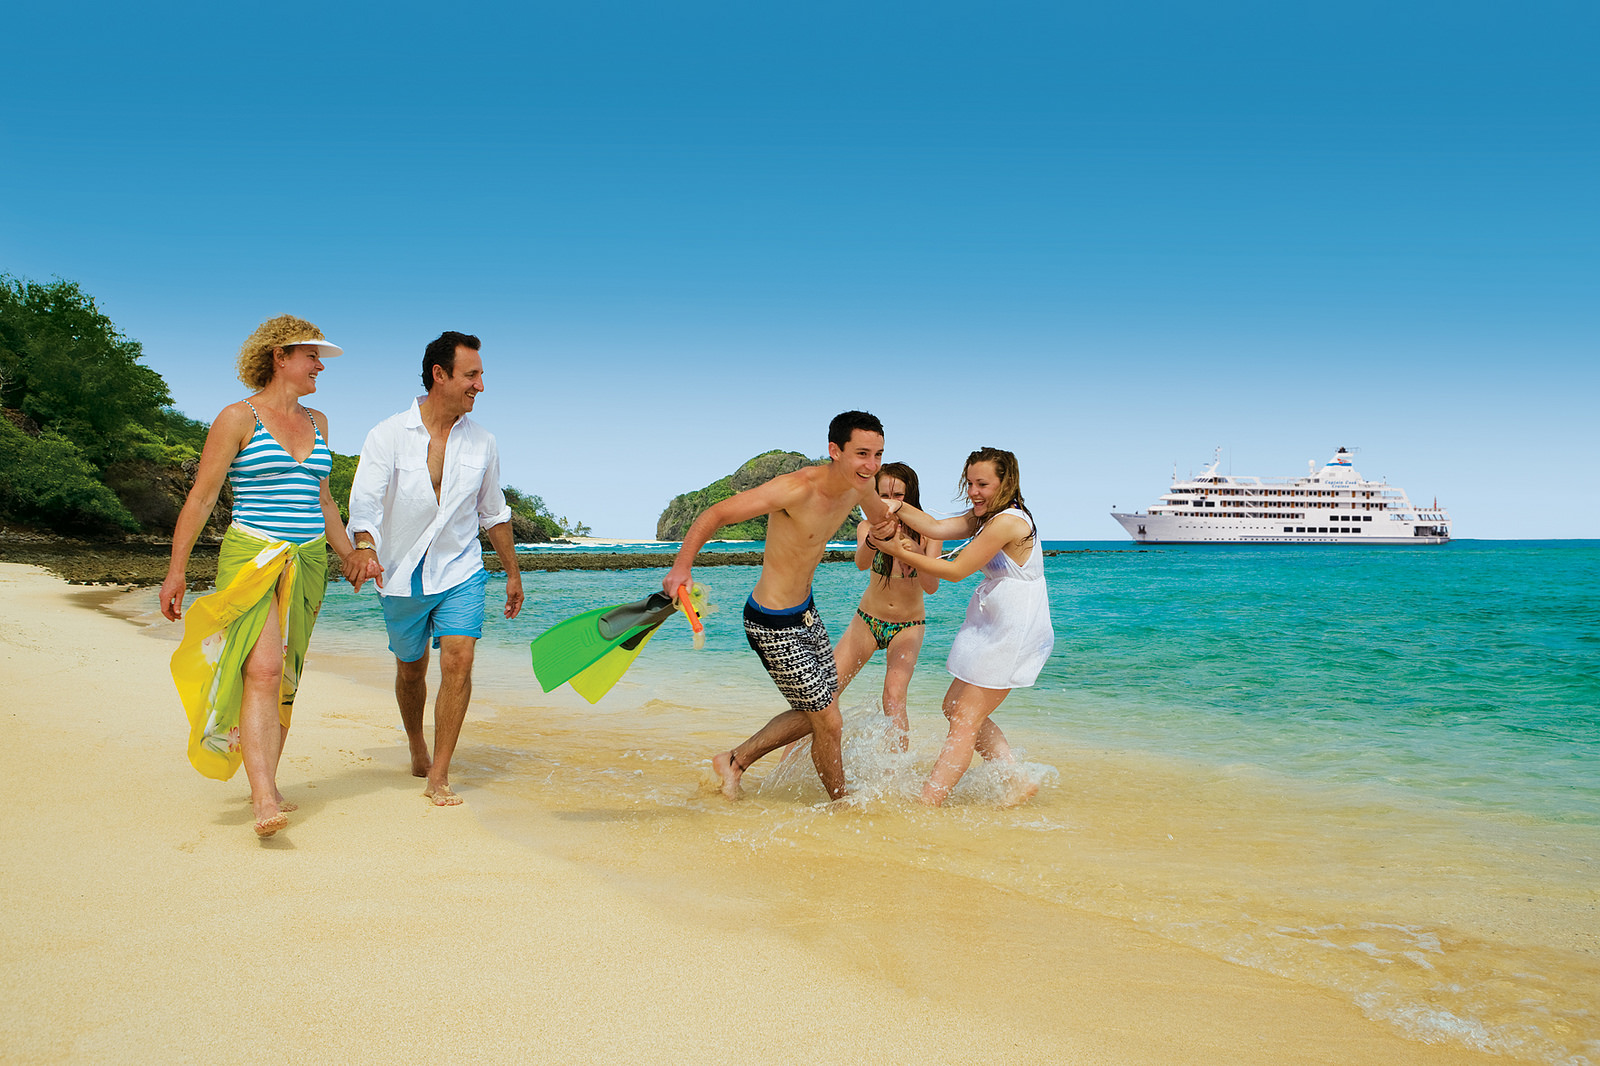 Flucht nach vorn: Zahlreiche Familien nutzen jede sich bietende Gelegenheit, um zu verreisen. Foto: Captain Cook Cruises